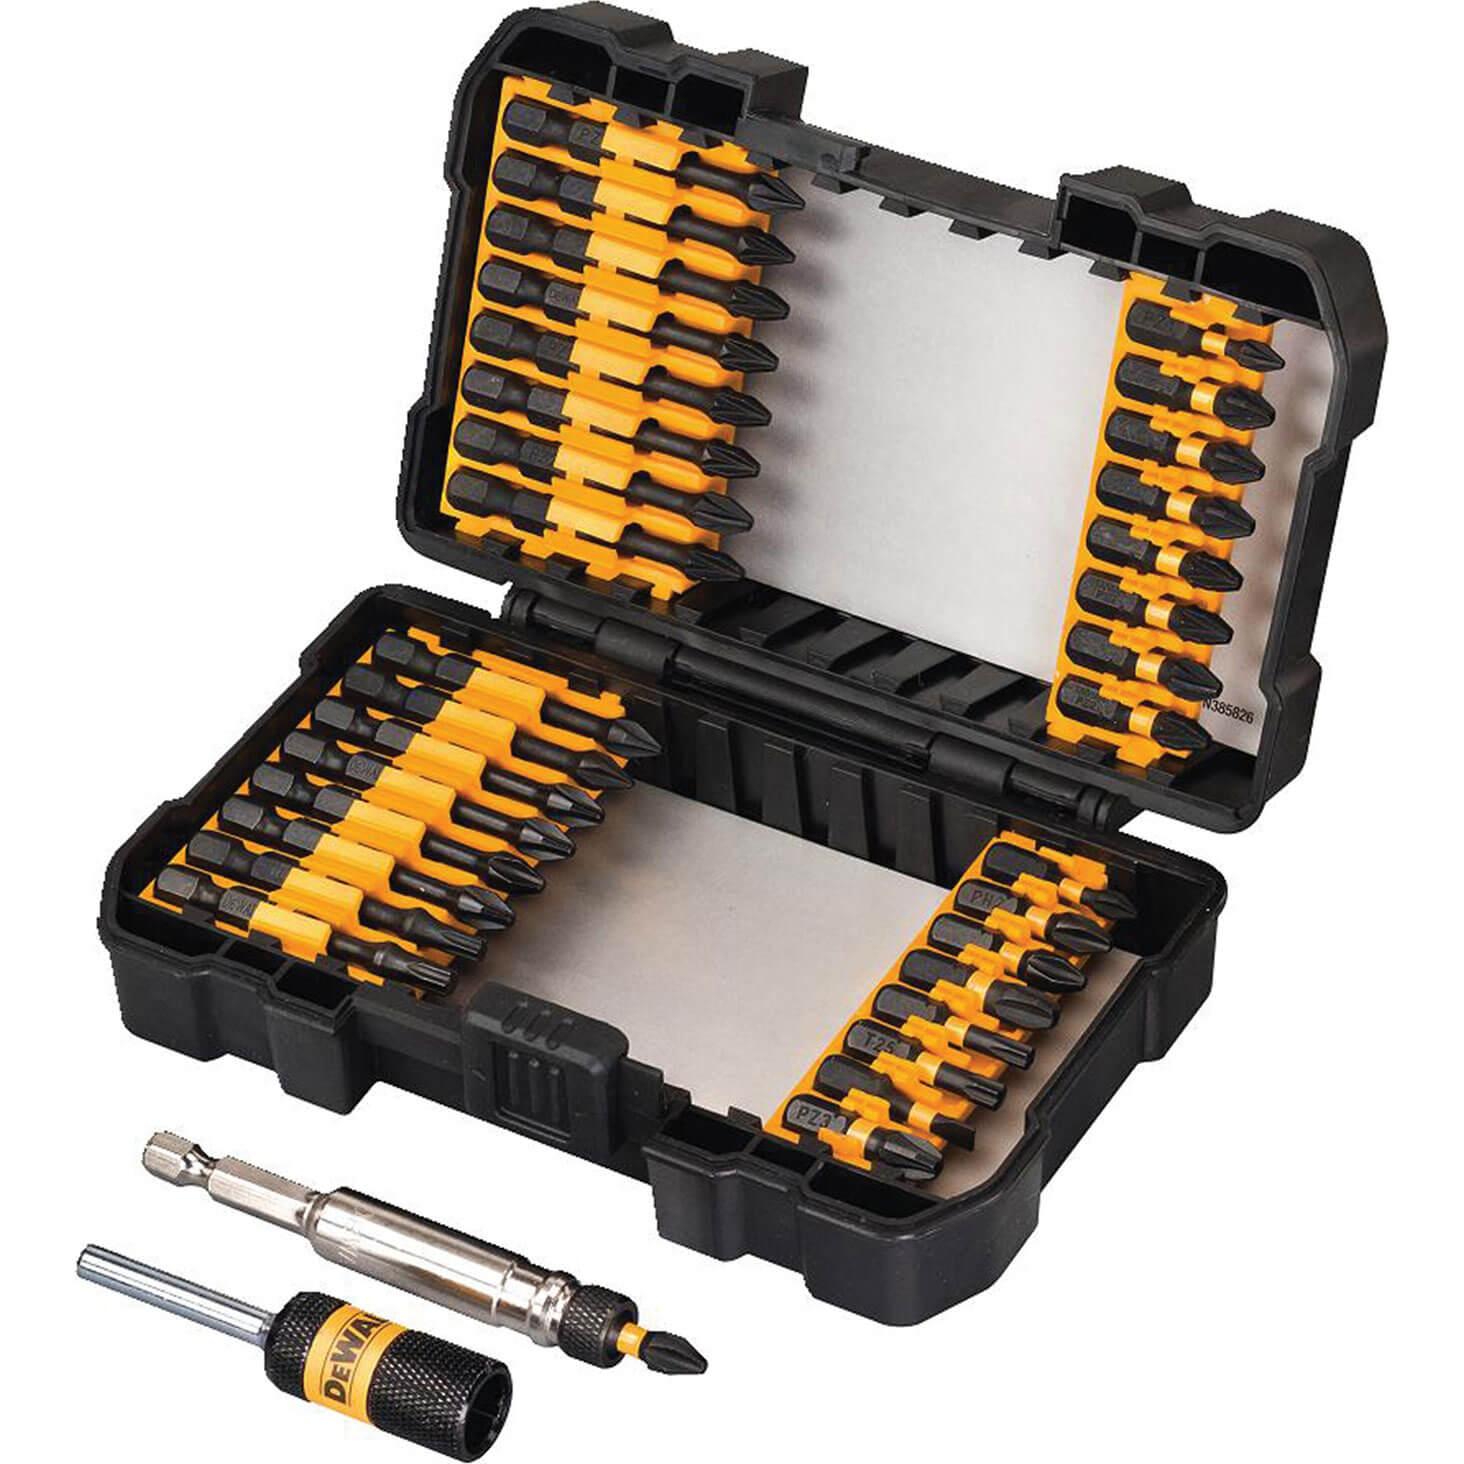 buy cheap dewalt screwdriver set compare hand tools prices for best uk deals. Black Bedroom Furniture Sets. Home Design Ideas